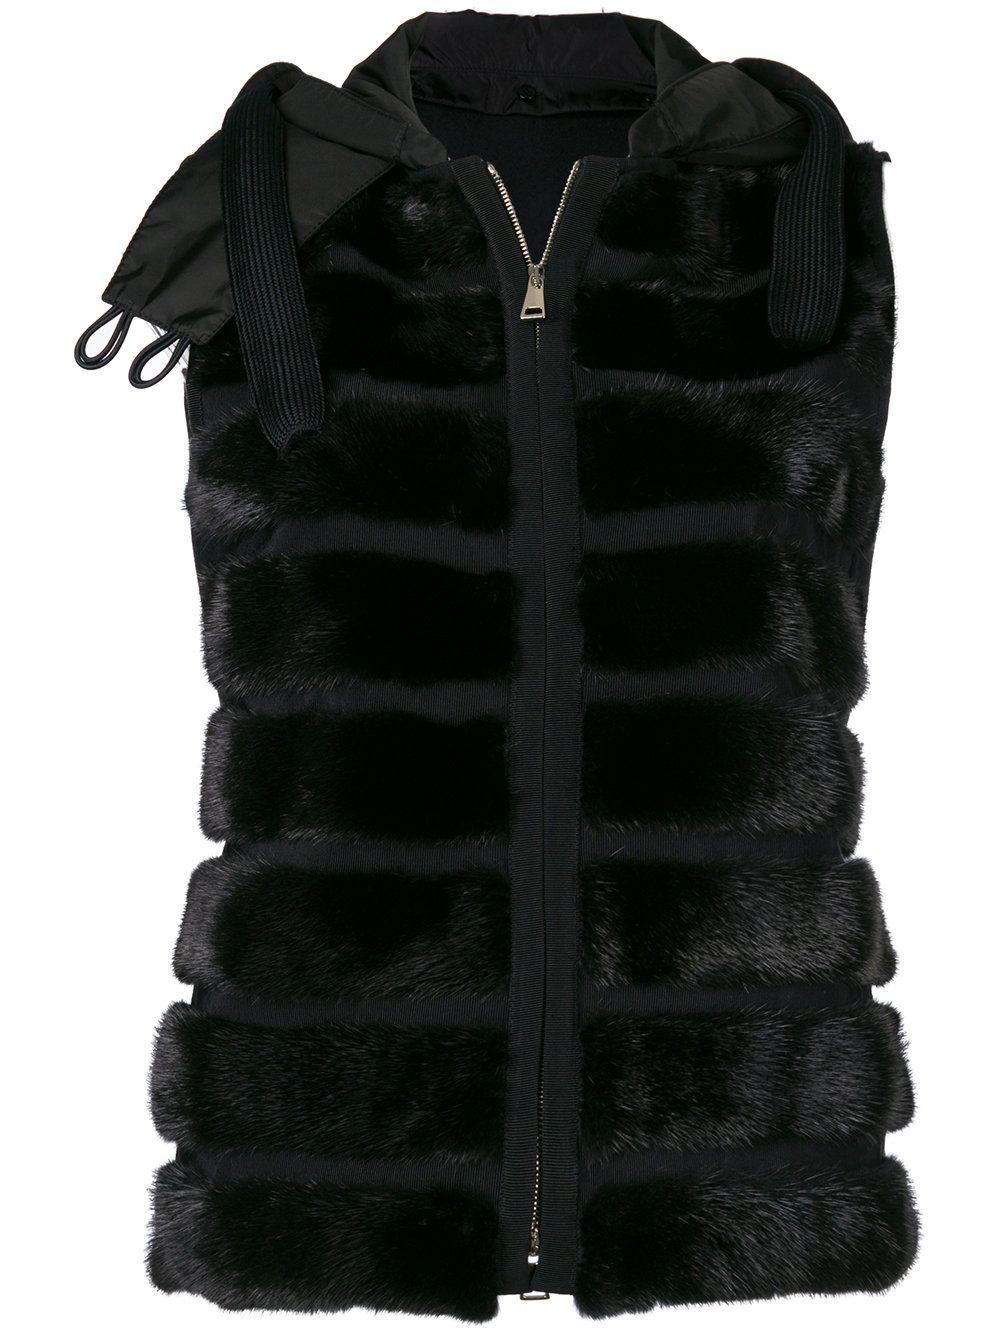 Moncler Hooded Gilet Jacket Black (с изображениями